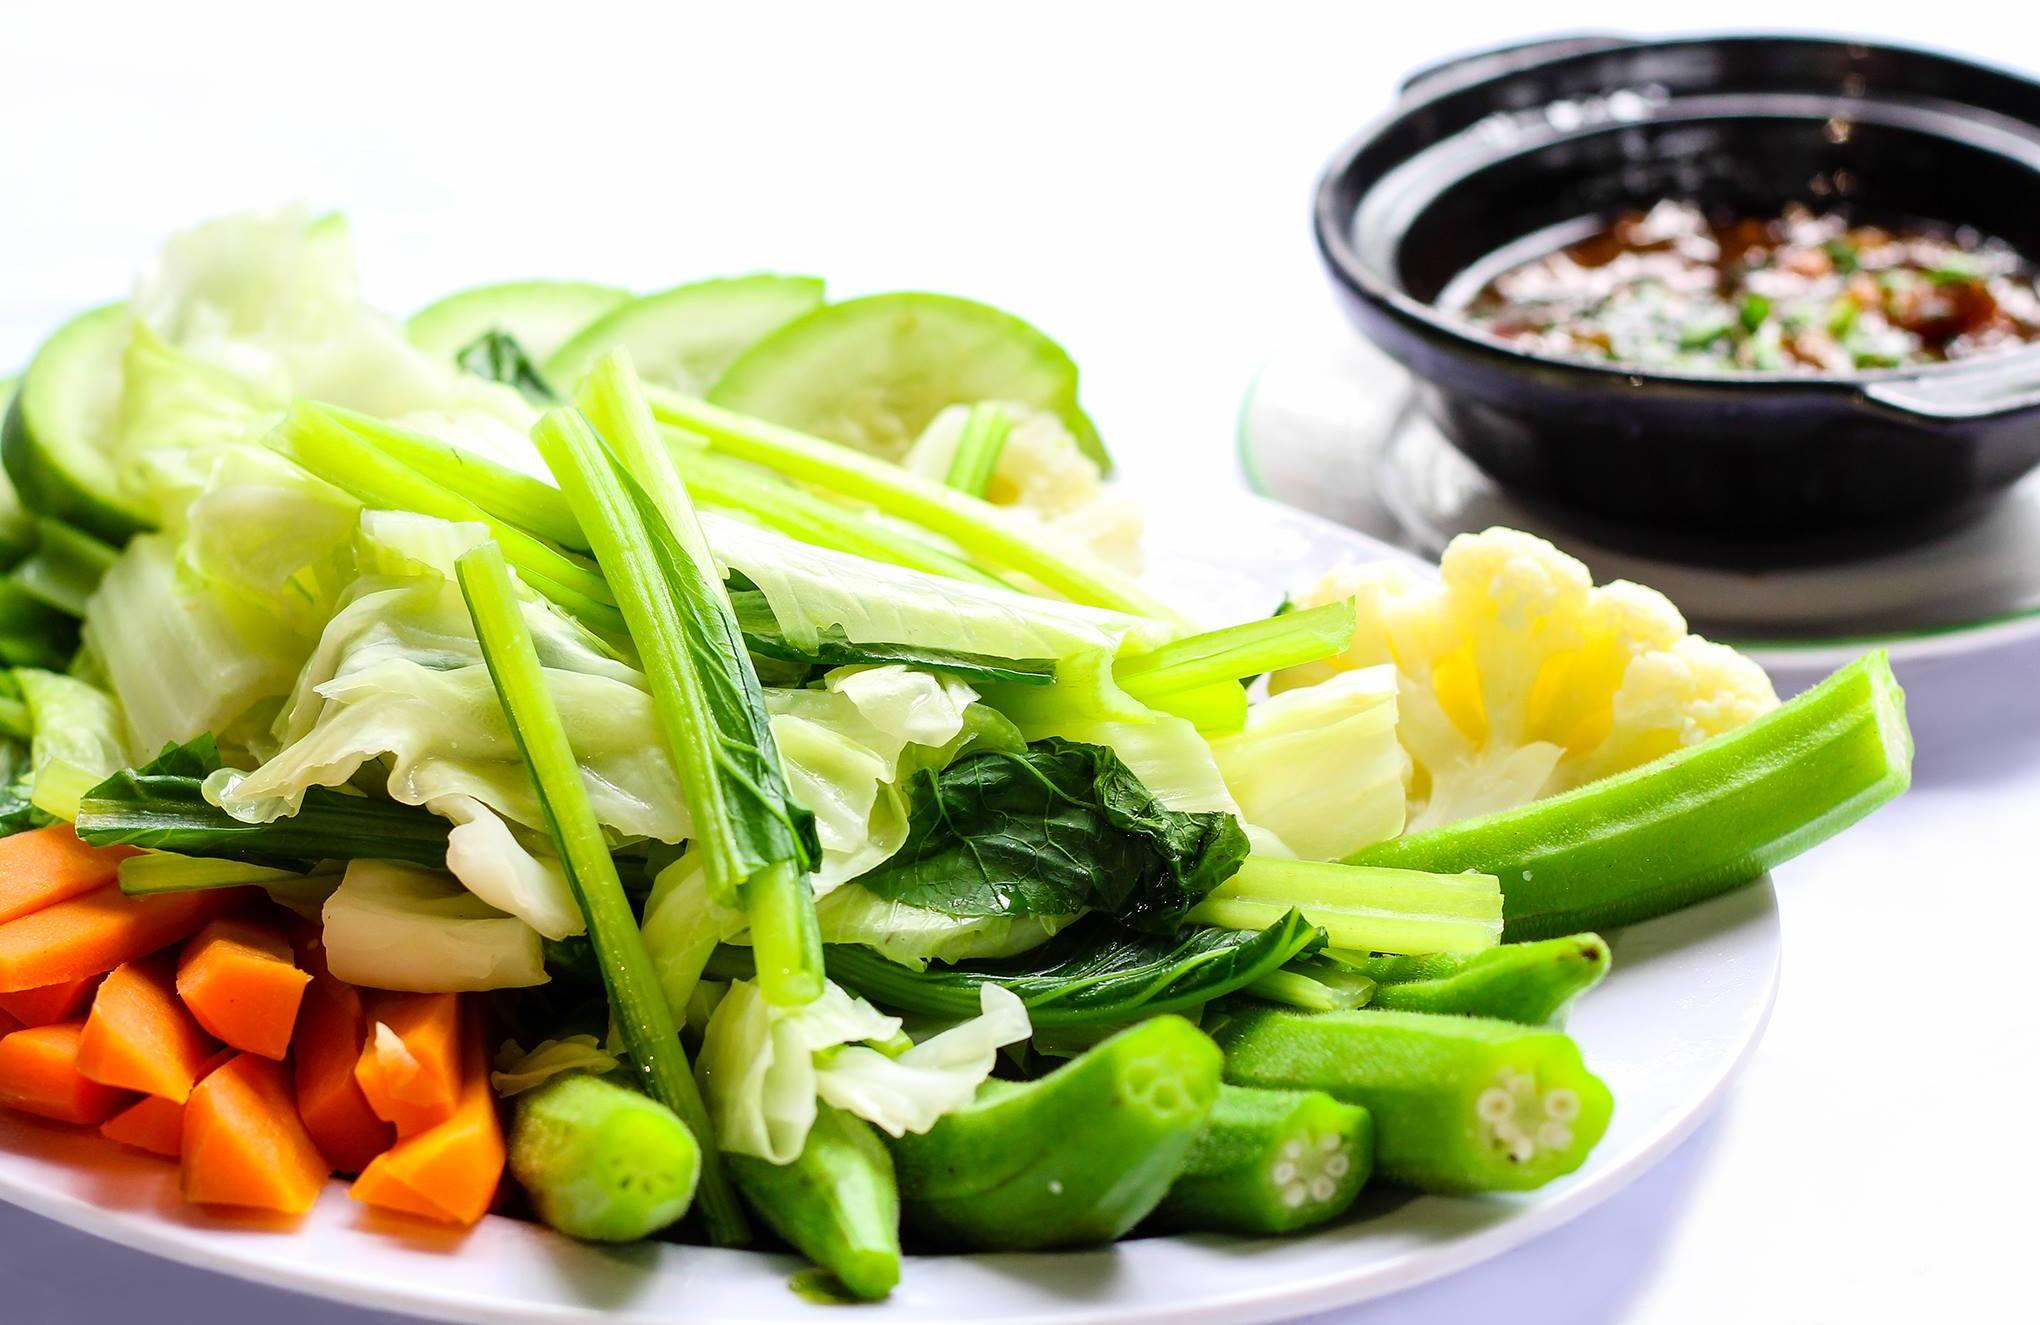 rau củ quả chay - cách nấu các món chay thông thường